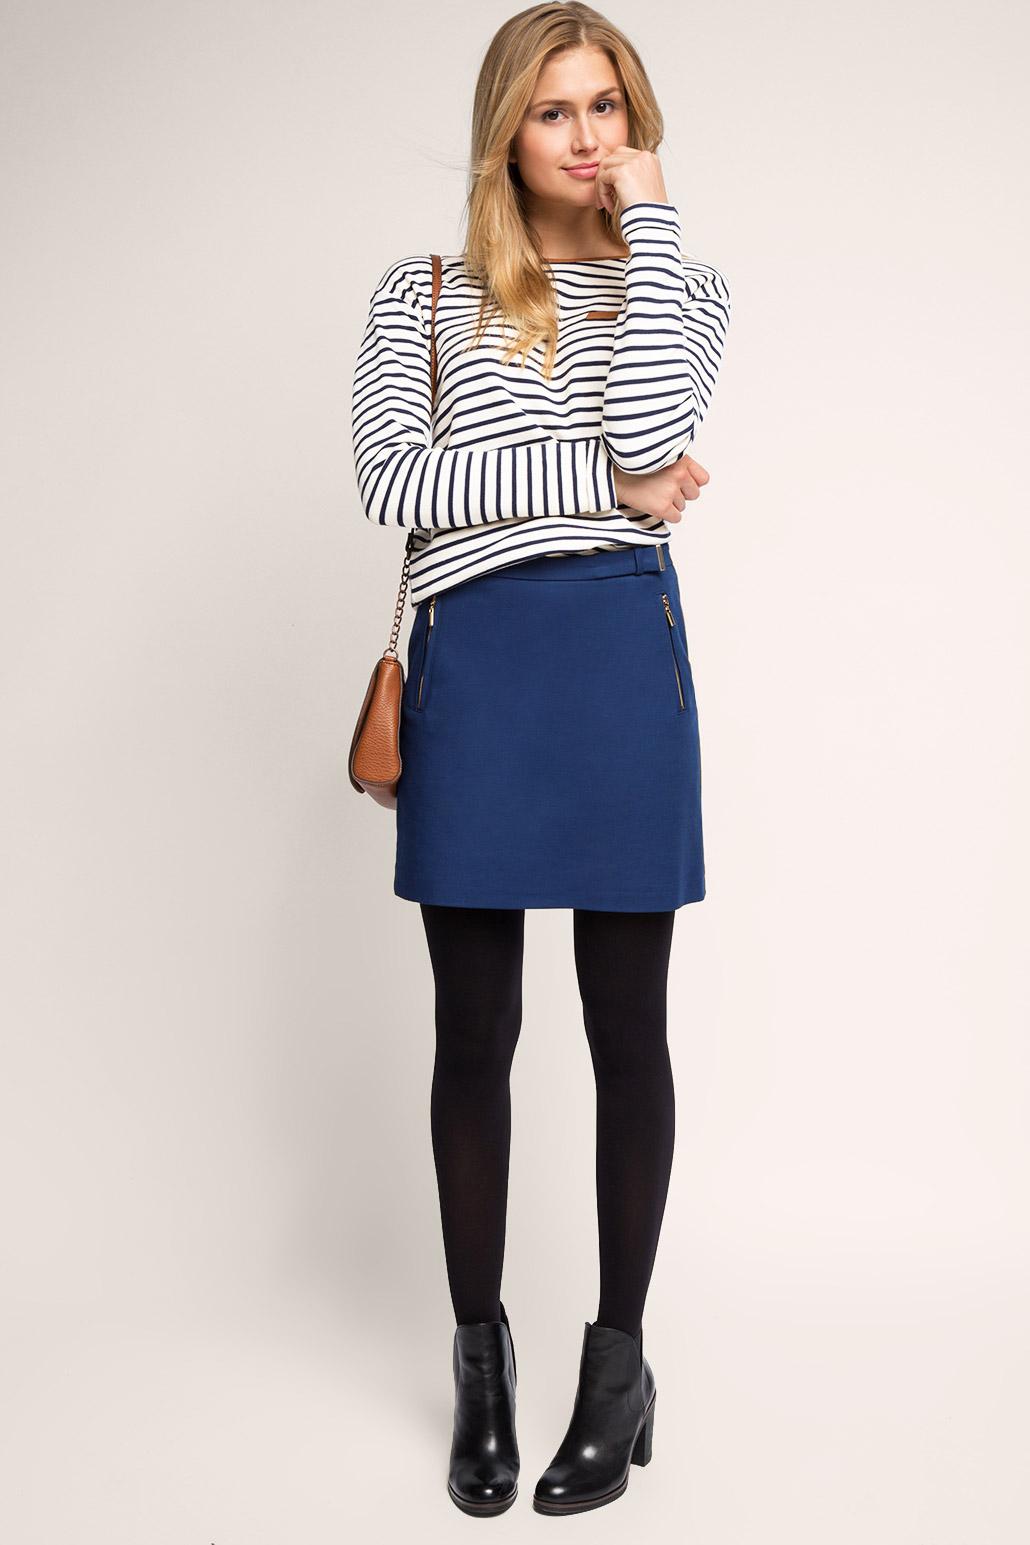 Черные колготки и синяя юбка